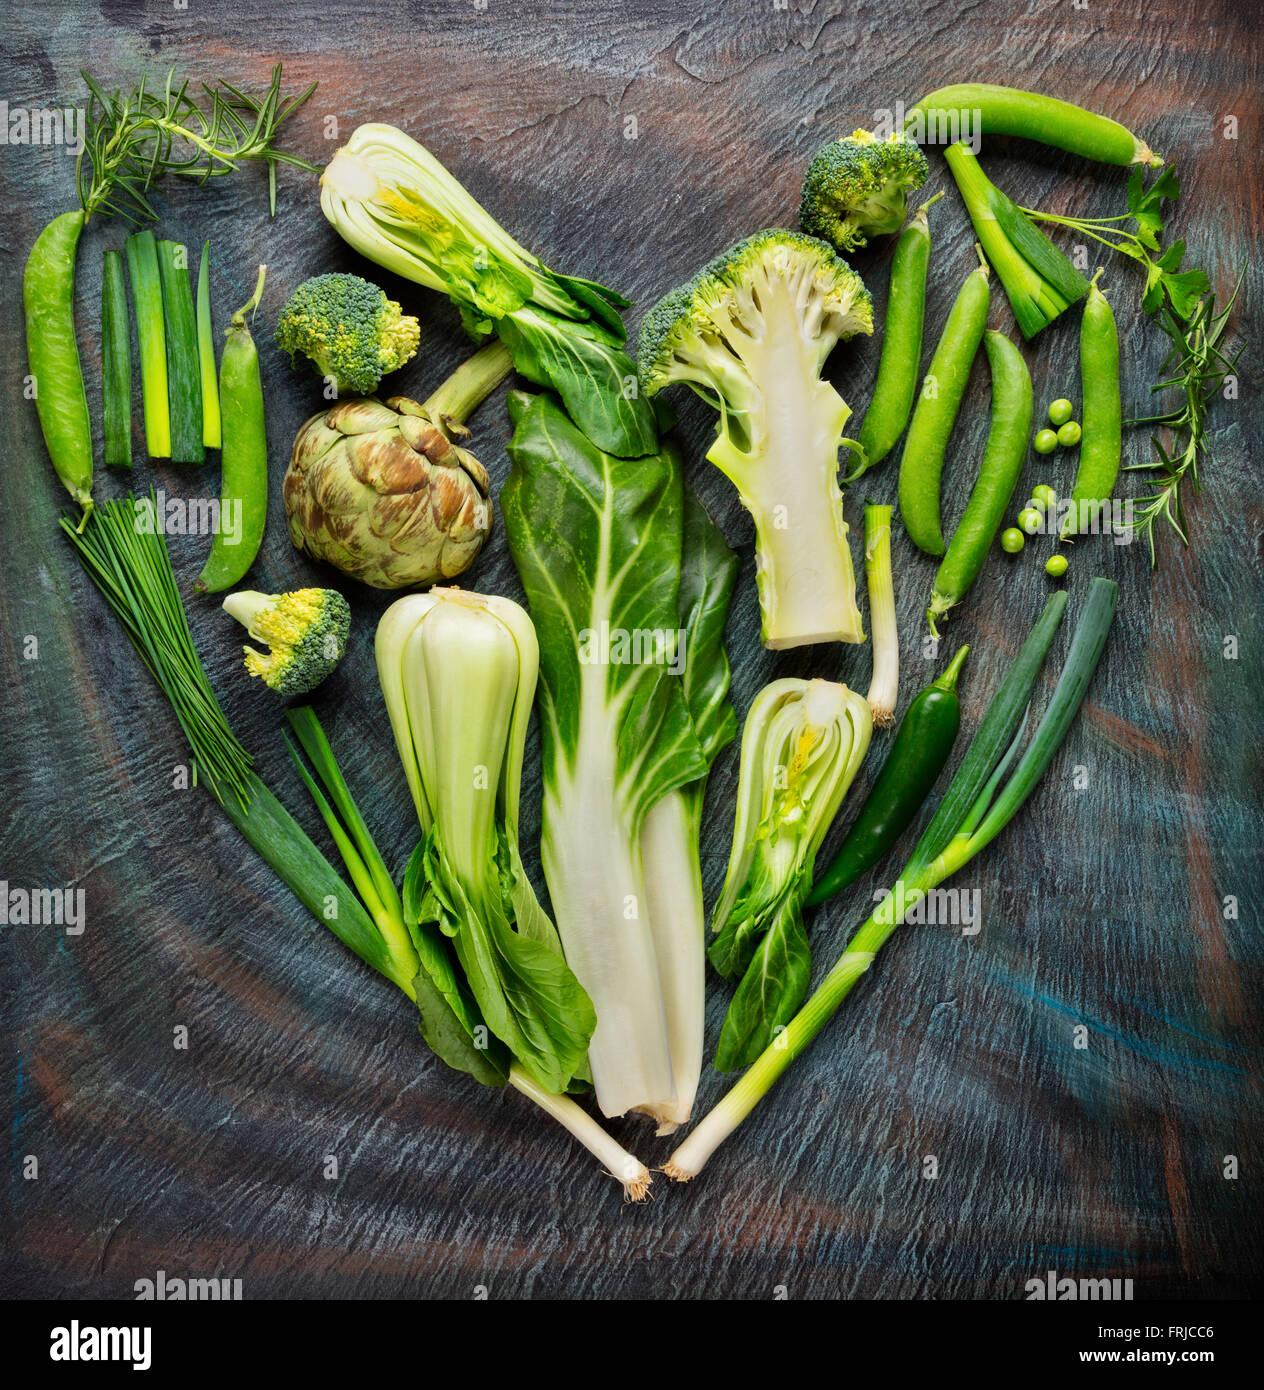 Sammlung von frischem Gemüse in Herzform Stockbild